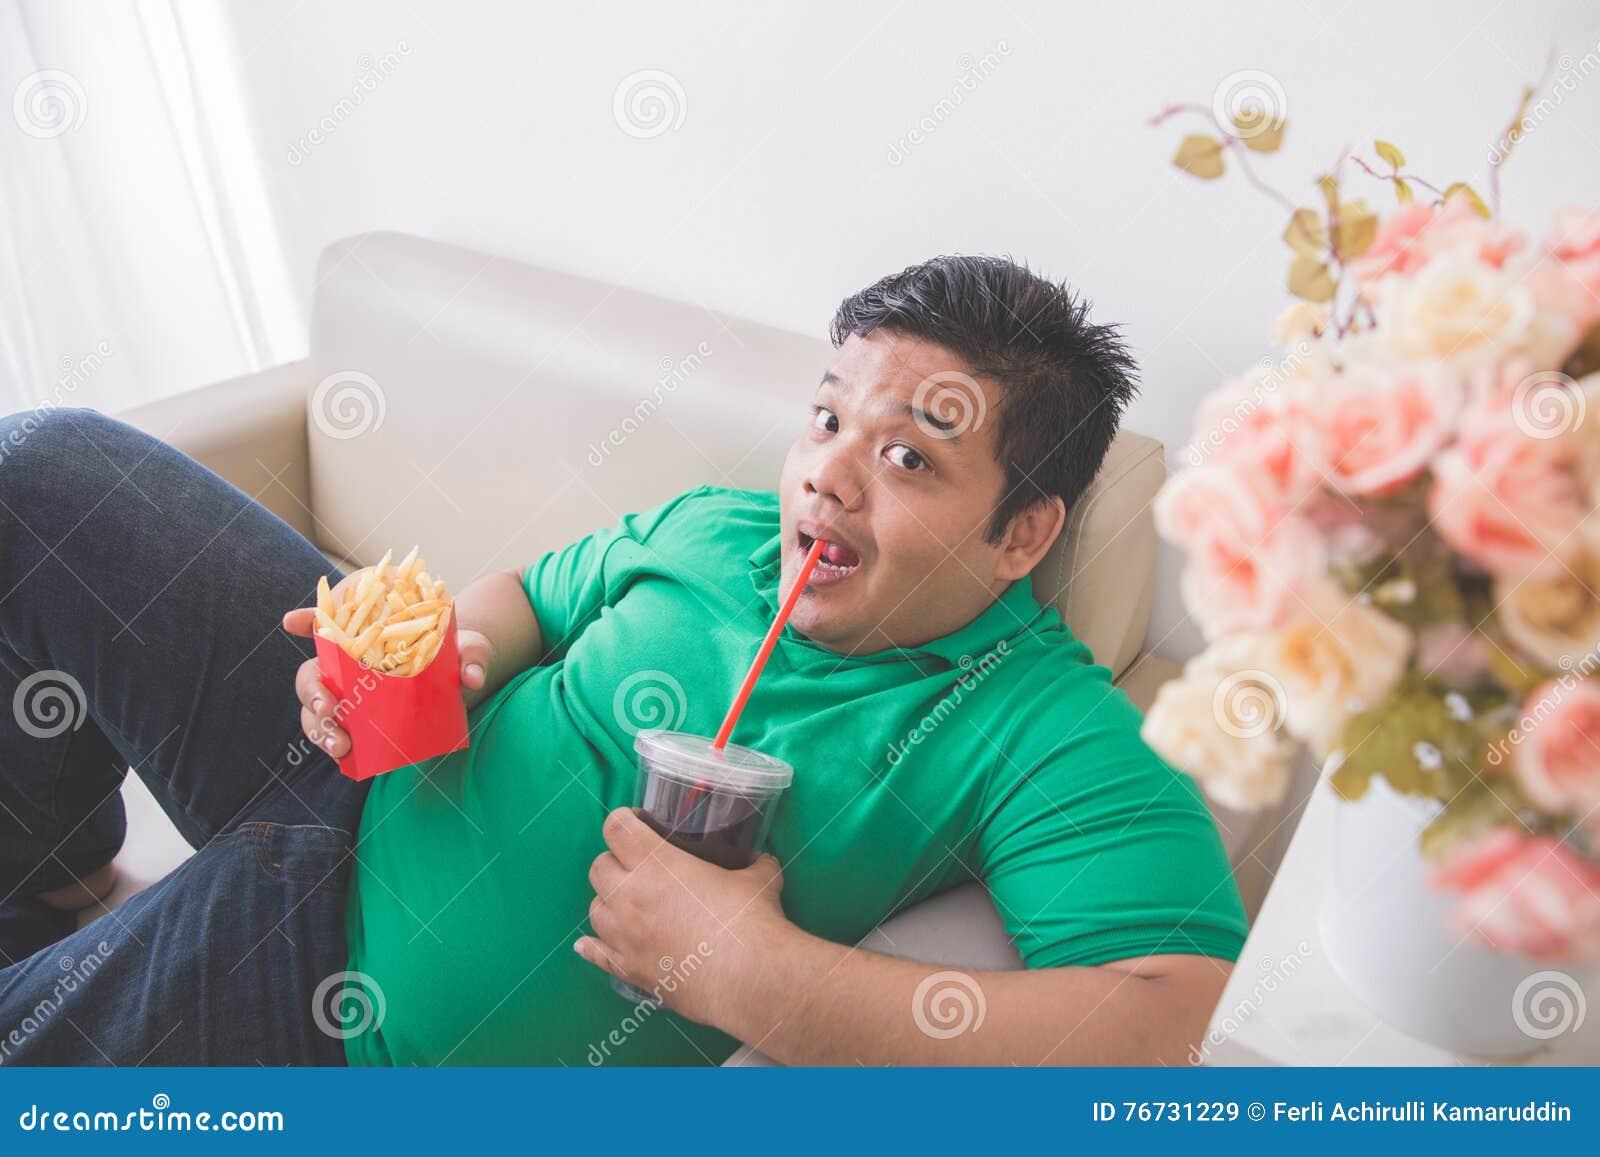 De luie zwaarlijvige persoon eet ongezonde kost terwijl het leggen op een laag